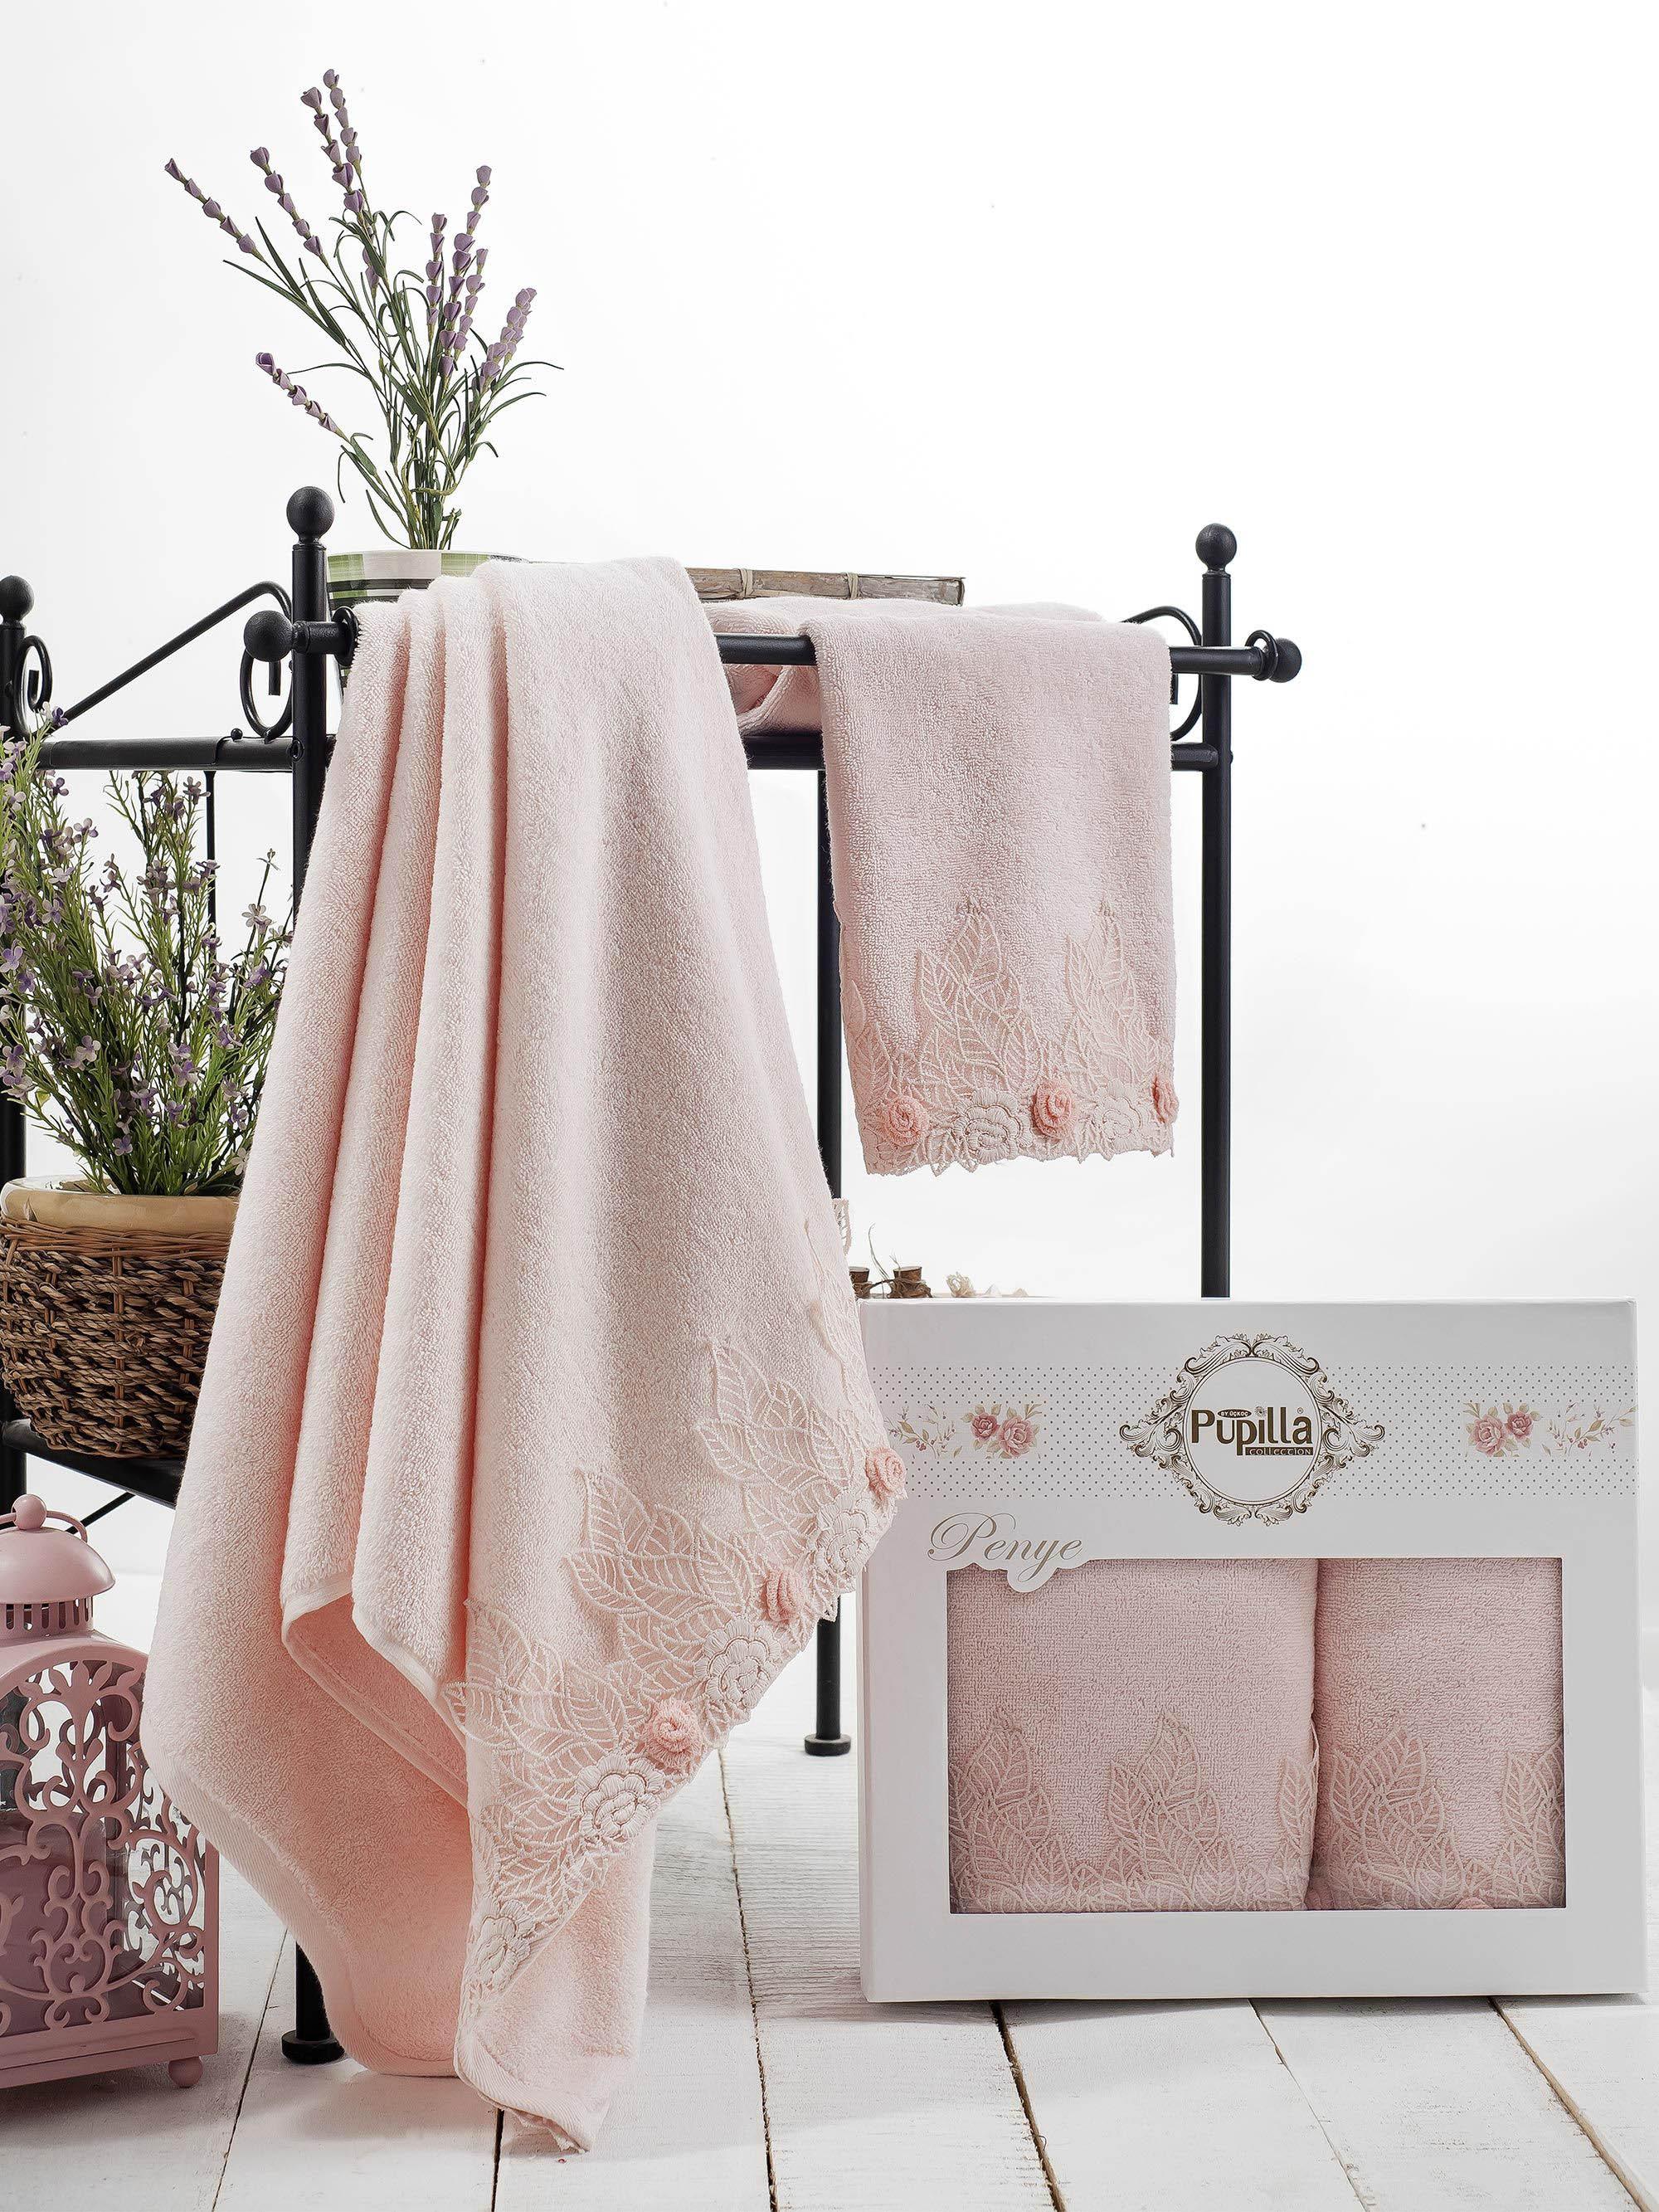 Полотенца Pupilla Набор из 2 полотенец Seren Цвет: Розовый